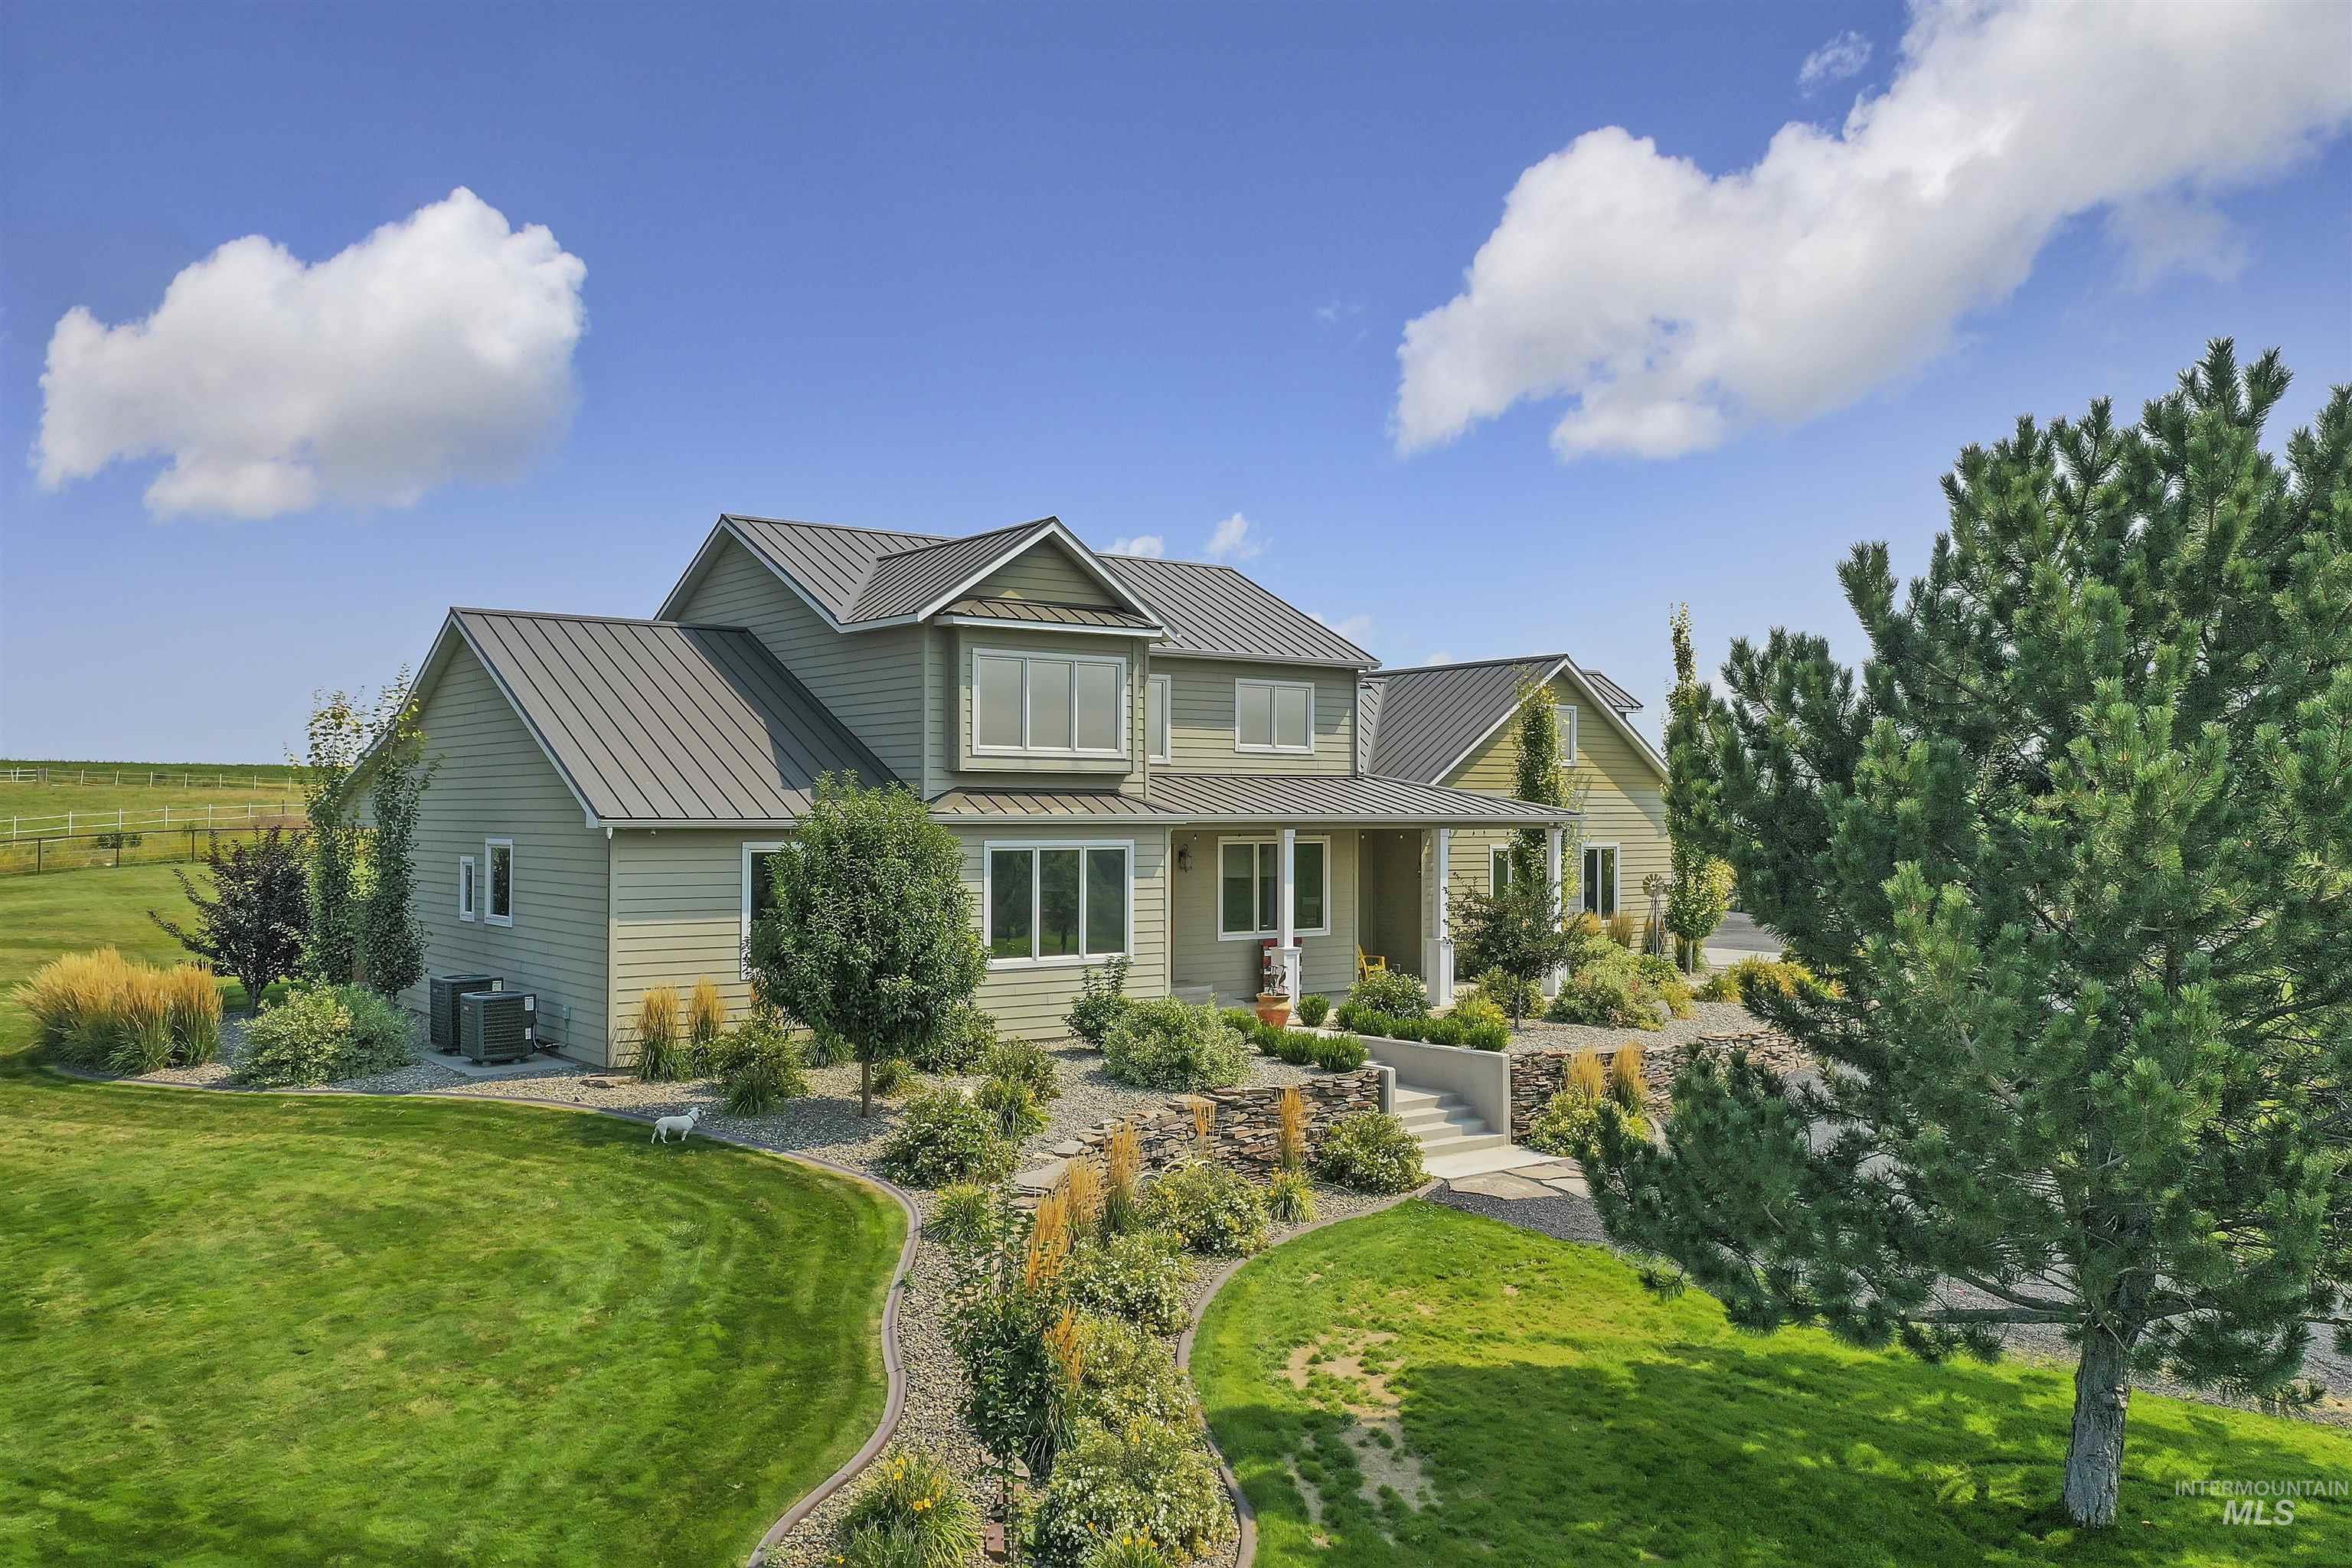 978 S 1200 E Property Photo 3